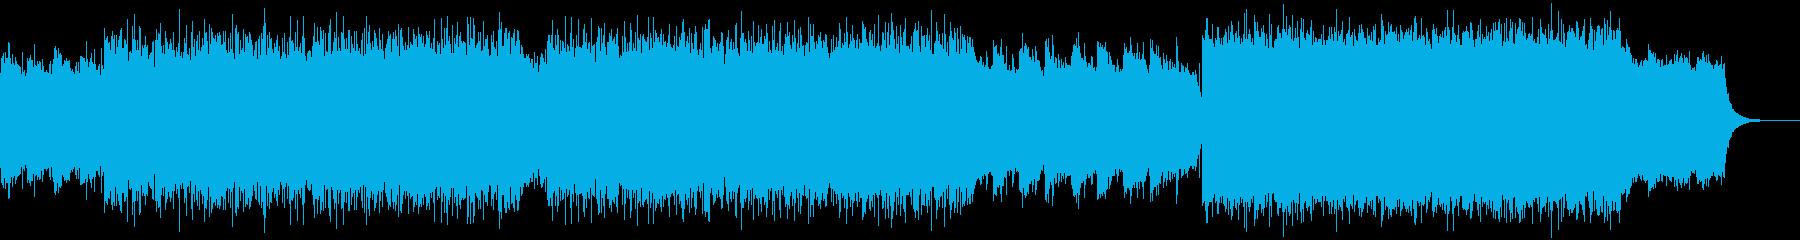 幻想的なインディーロックの再生済みの波形